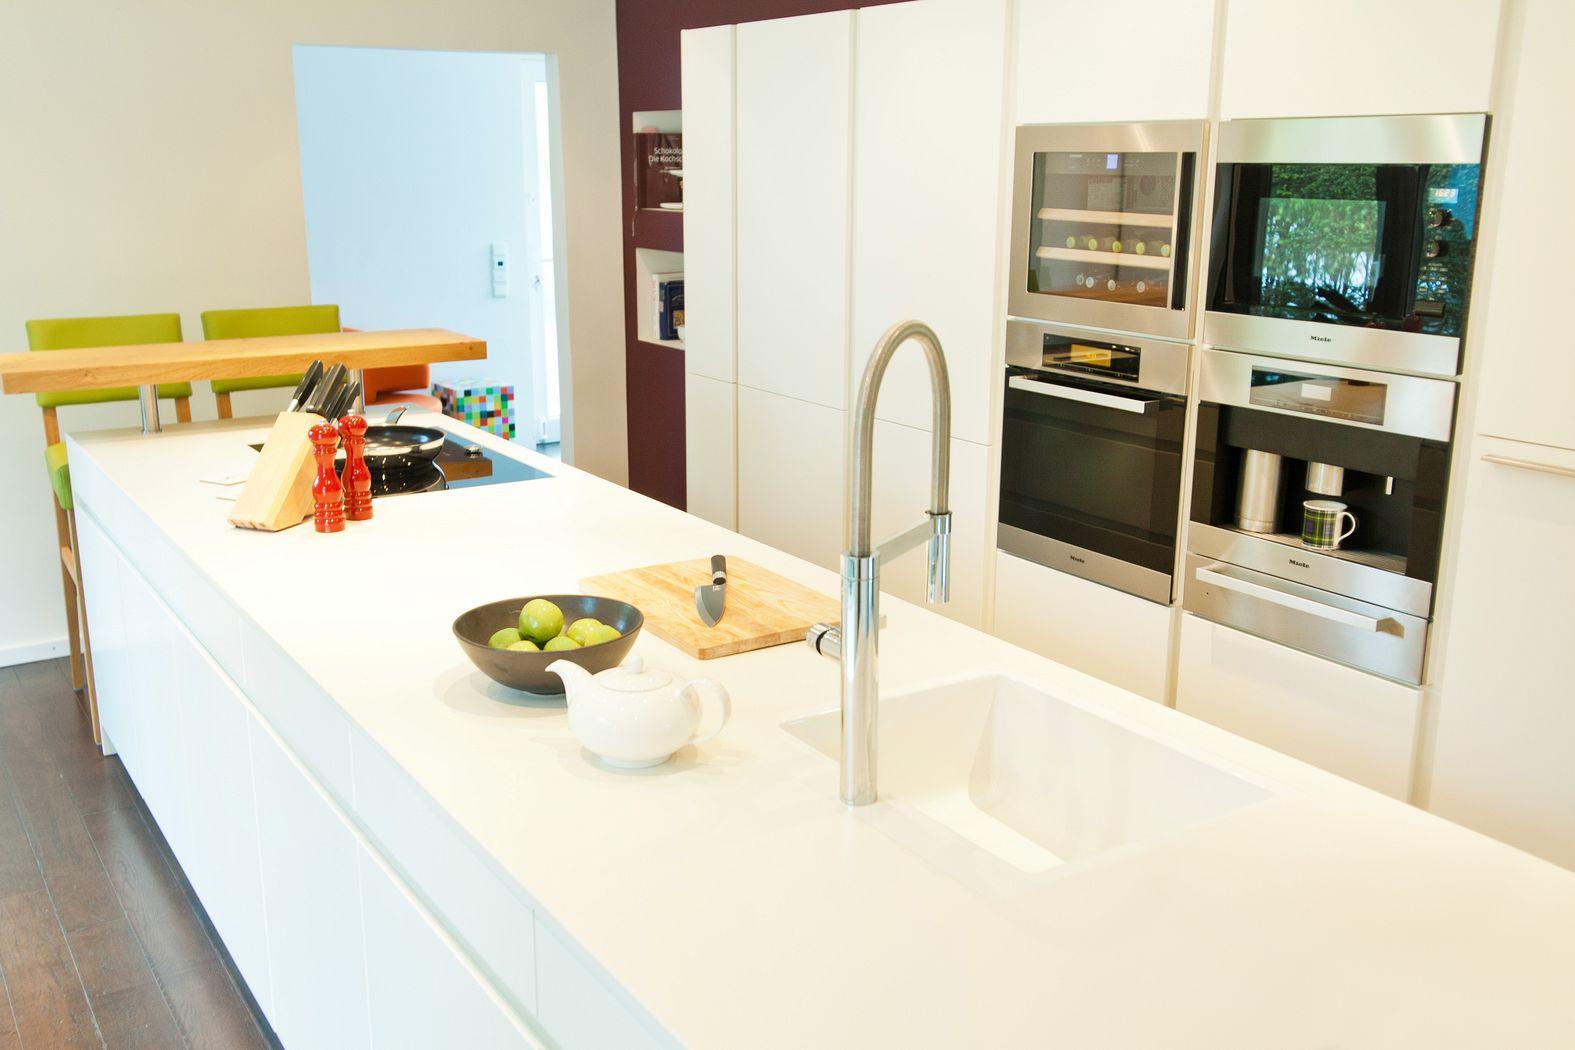 Leicht küchen weiß  Leicht Küche Hochglanz Weiß grifflos mit ausfahrbarem Fernseher ...